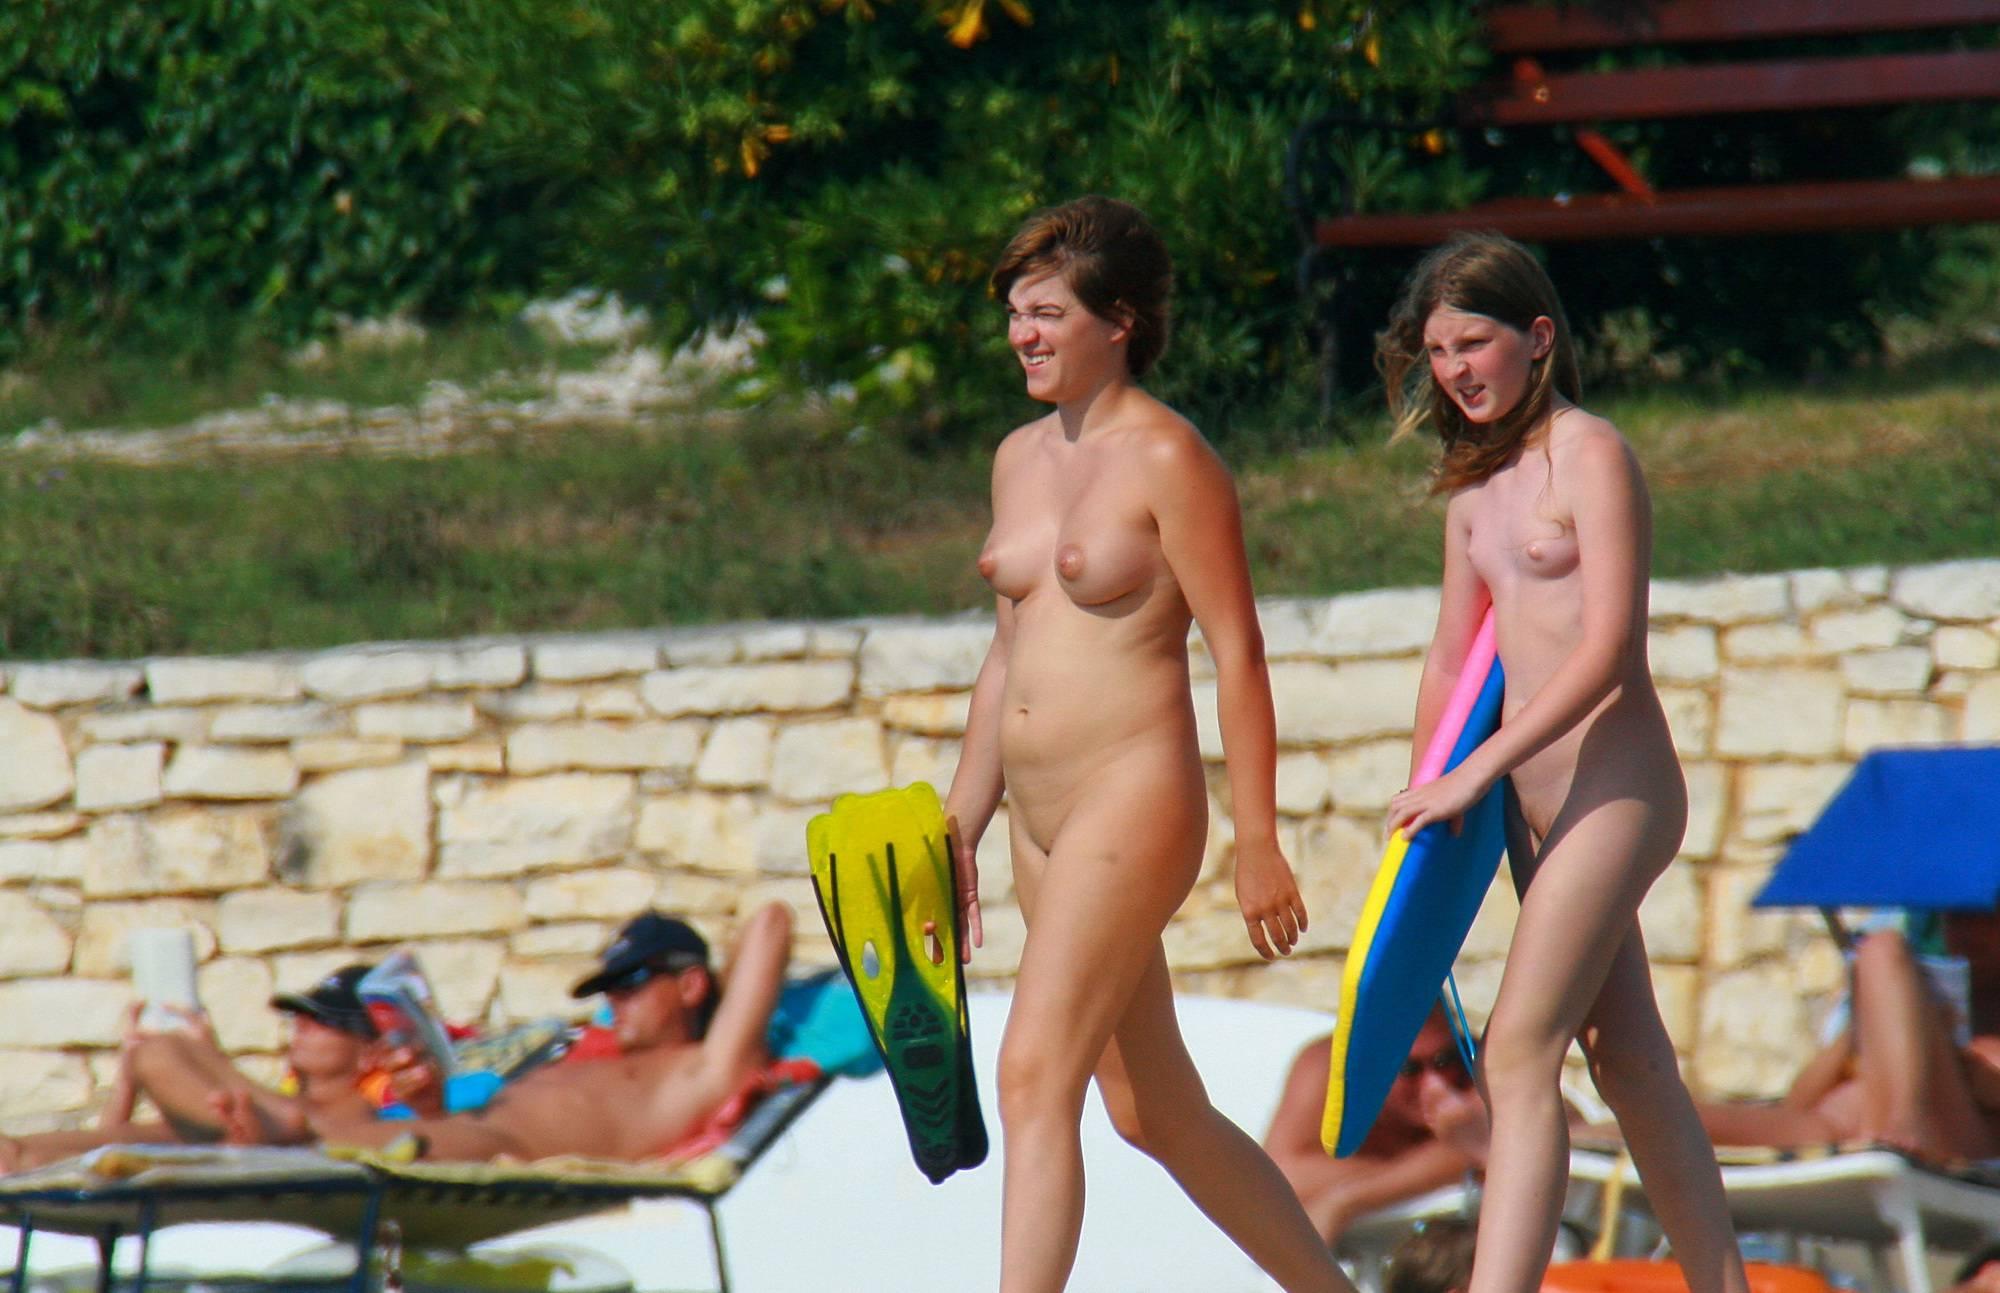 Nudist Gallery Kickboards For A Nice Dip - 1